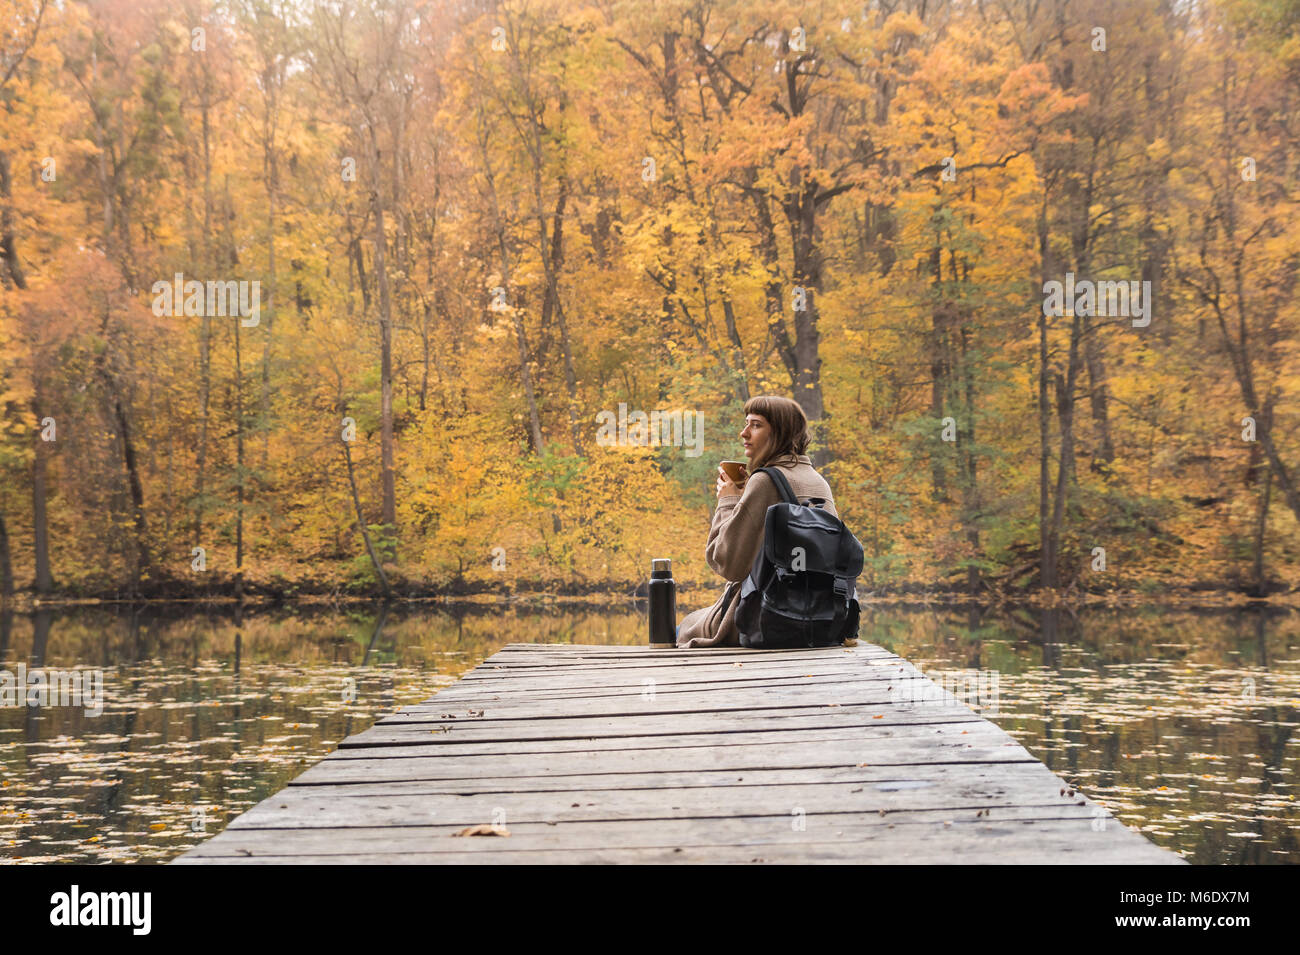 Giovani femmine escursionista con zaino si siede a riverbank, beve caffè e guarda al bellissimo Indian scenario Immagini Stock